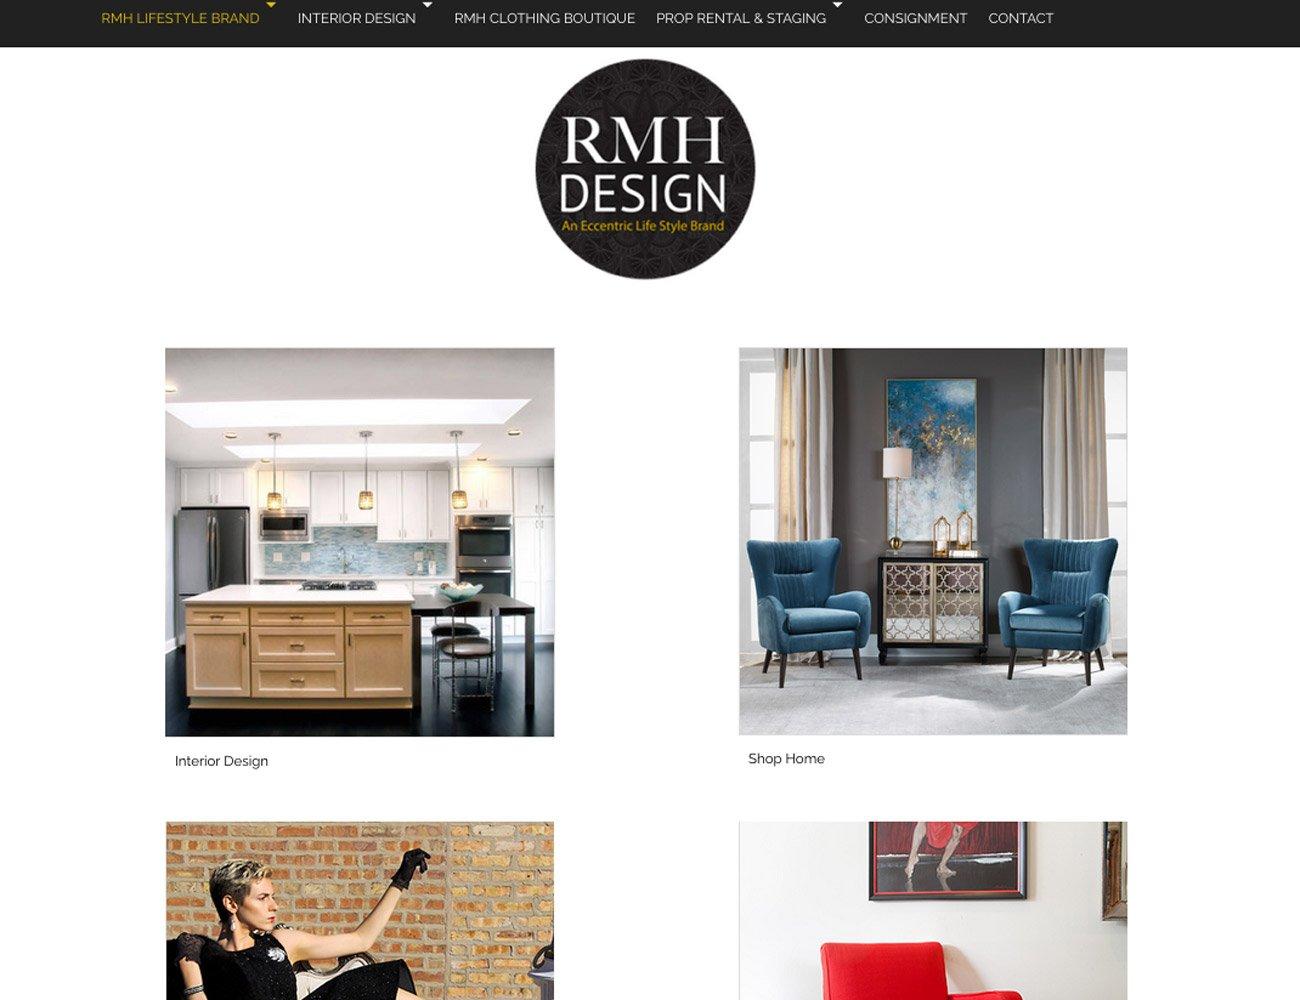 RMH-Design